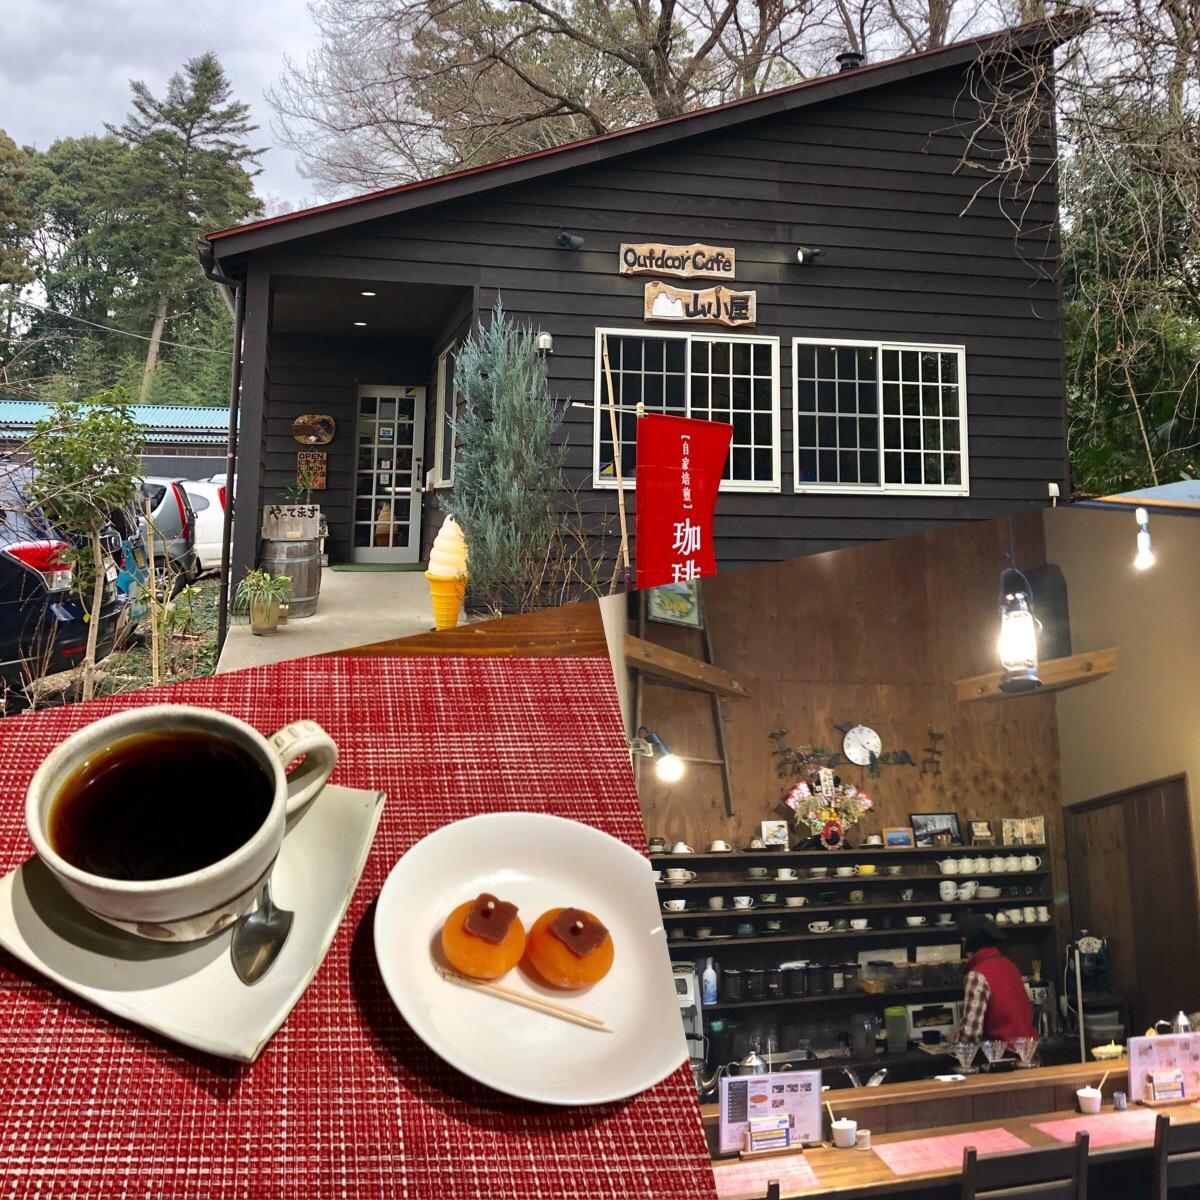 アウトドアカフェ山小屋でランチ!上尾でプチ旅気分を味わうならここがおすすめ